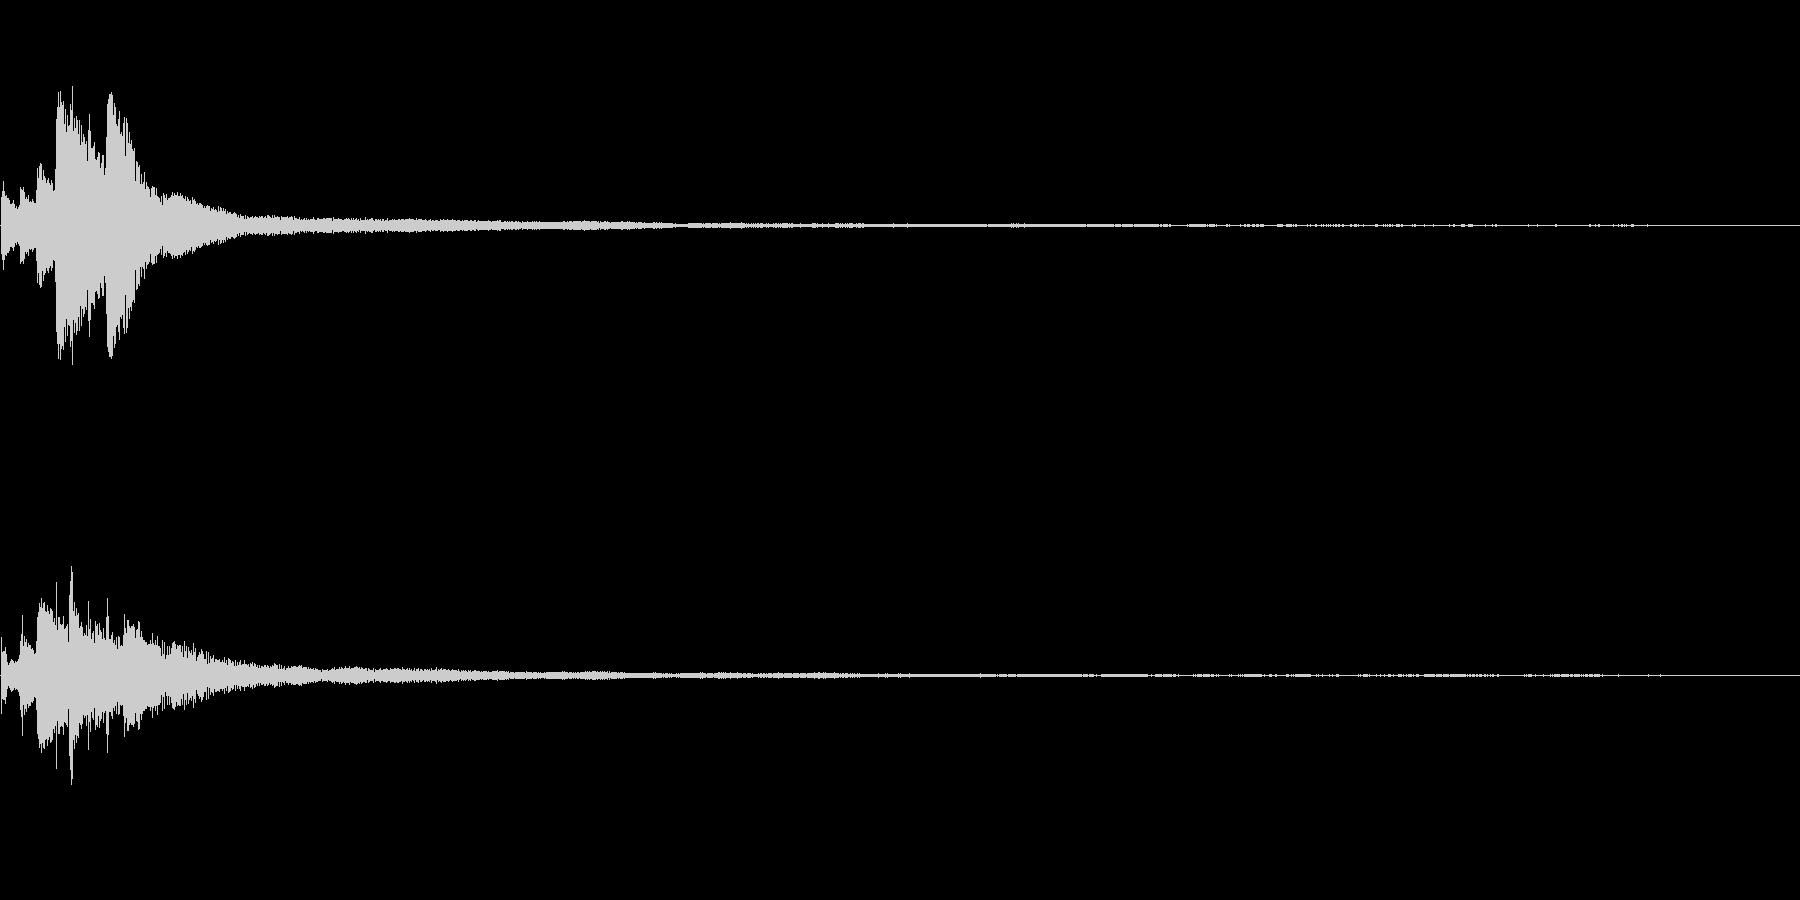 怪談話、和風ジングル32B-ピアノソロの未再生の波形